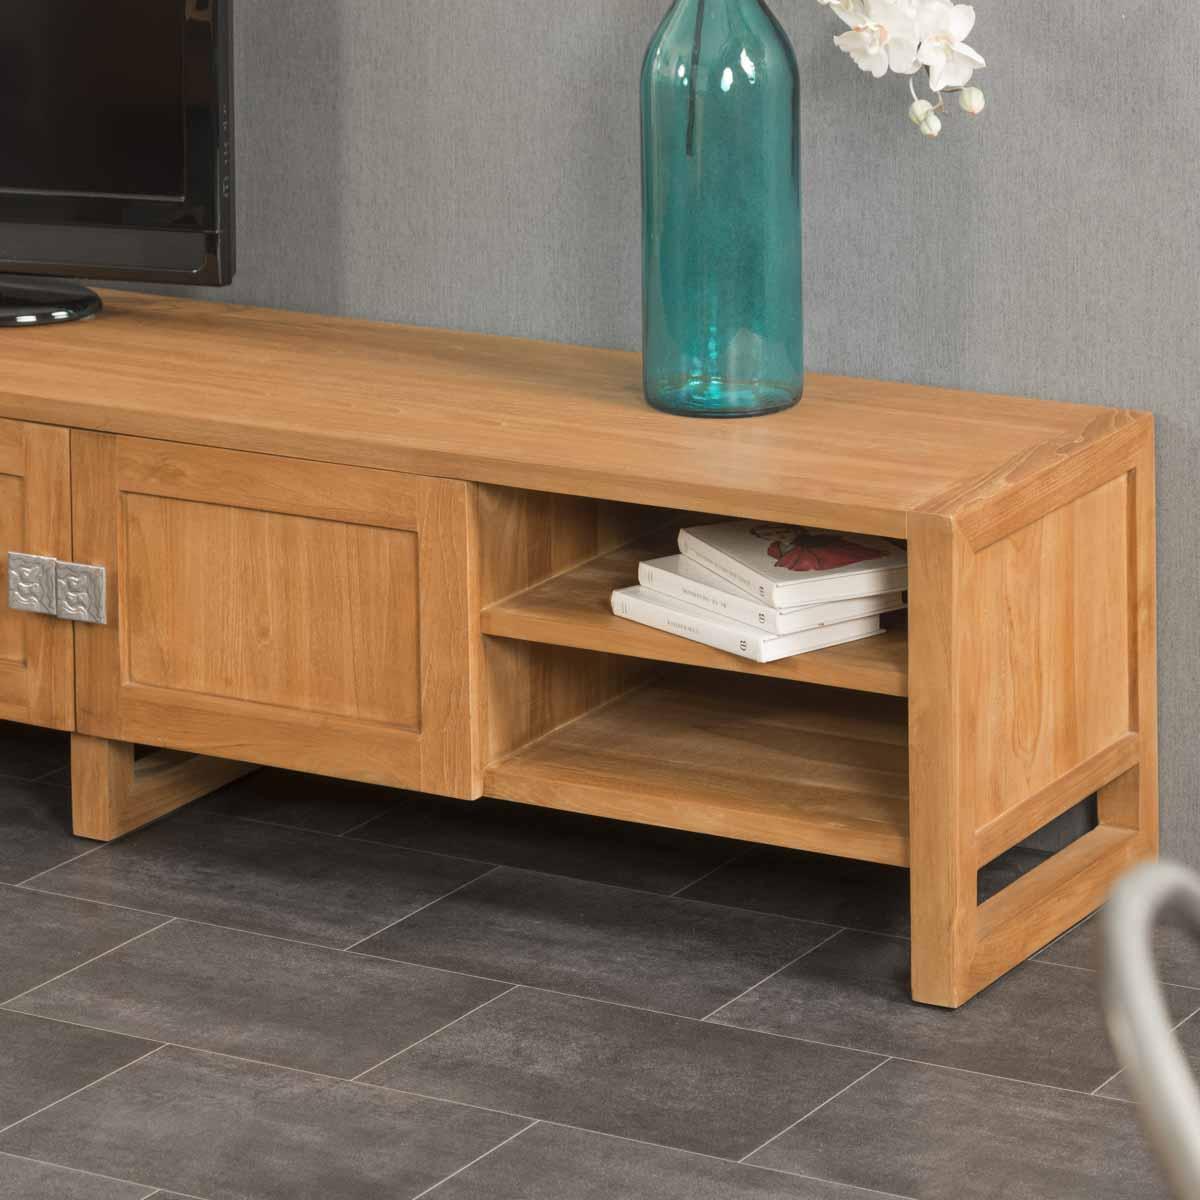 Neuf meuble tv en teck thea 170 ebay for Meuble en teck